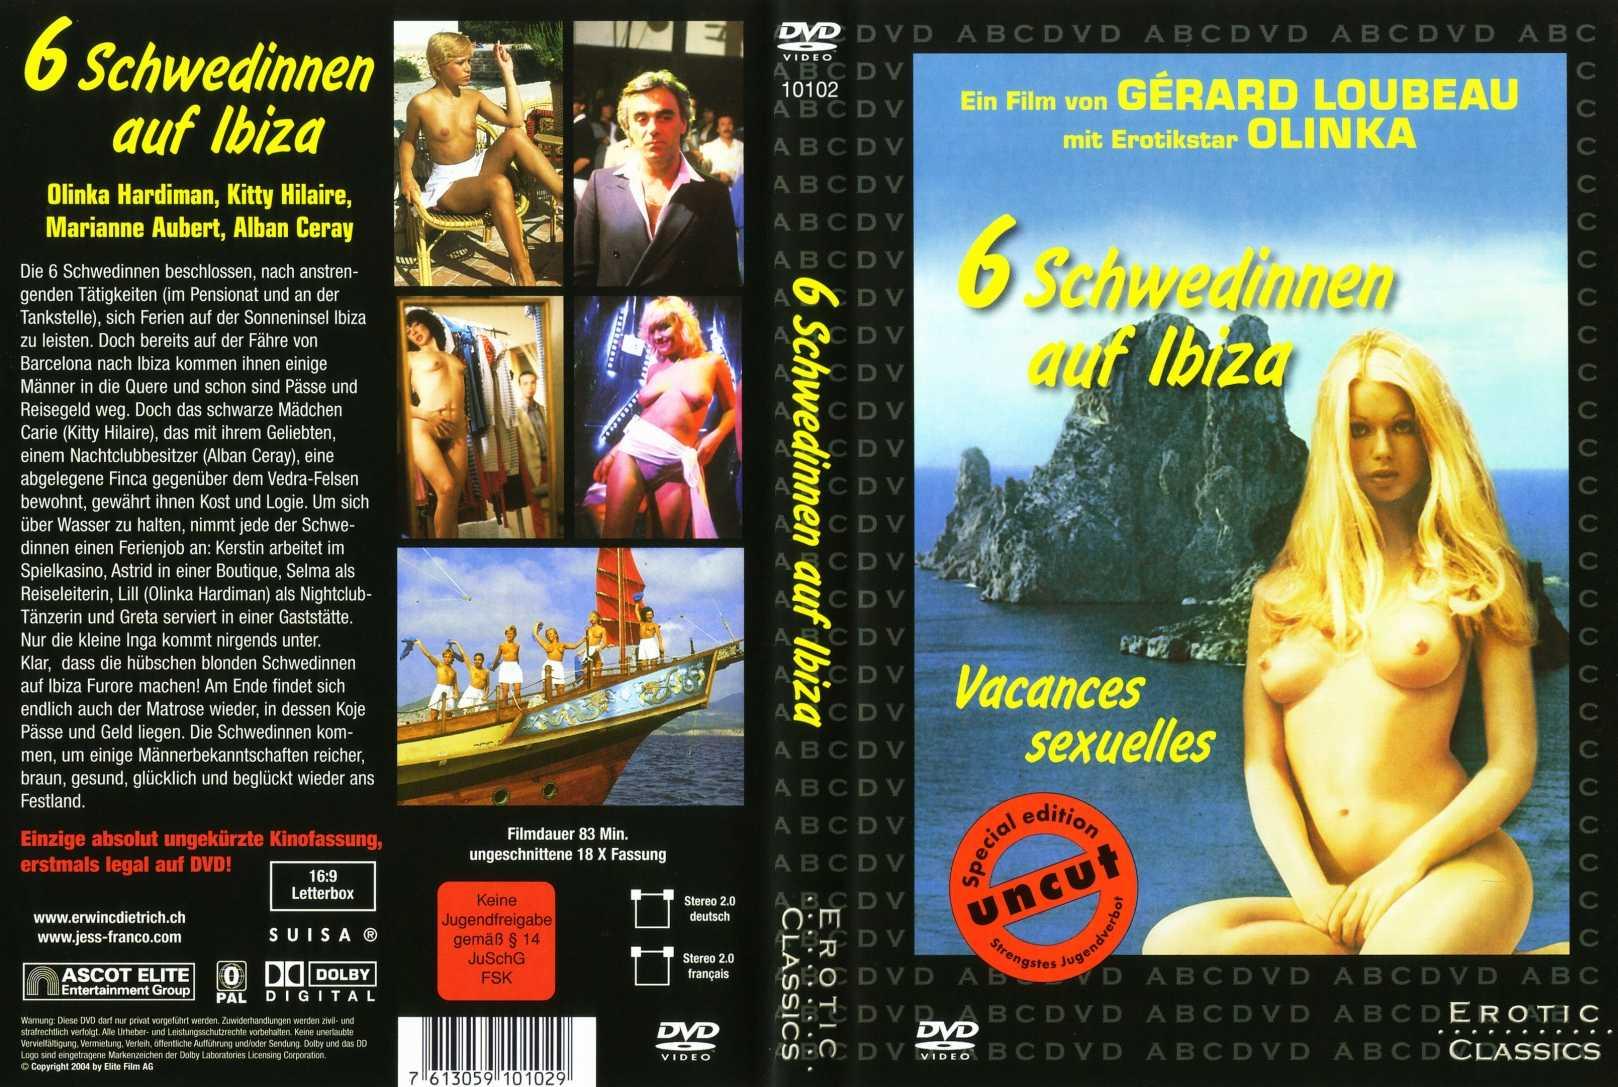 6 Schwedinnen auf Ibiza (1981) (Softcore) - [BDRemux] [HD] [1080p] [19GB]